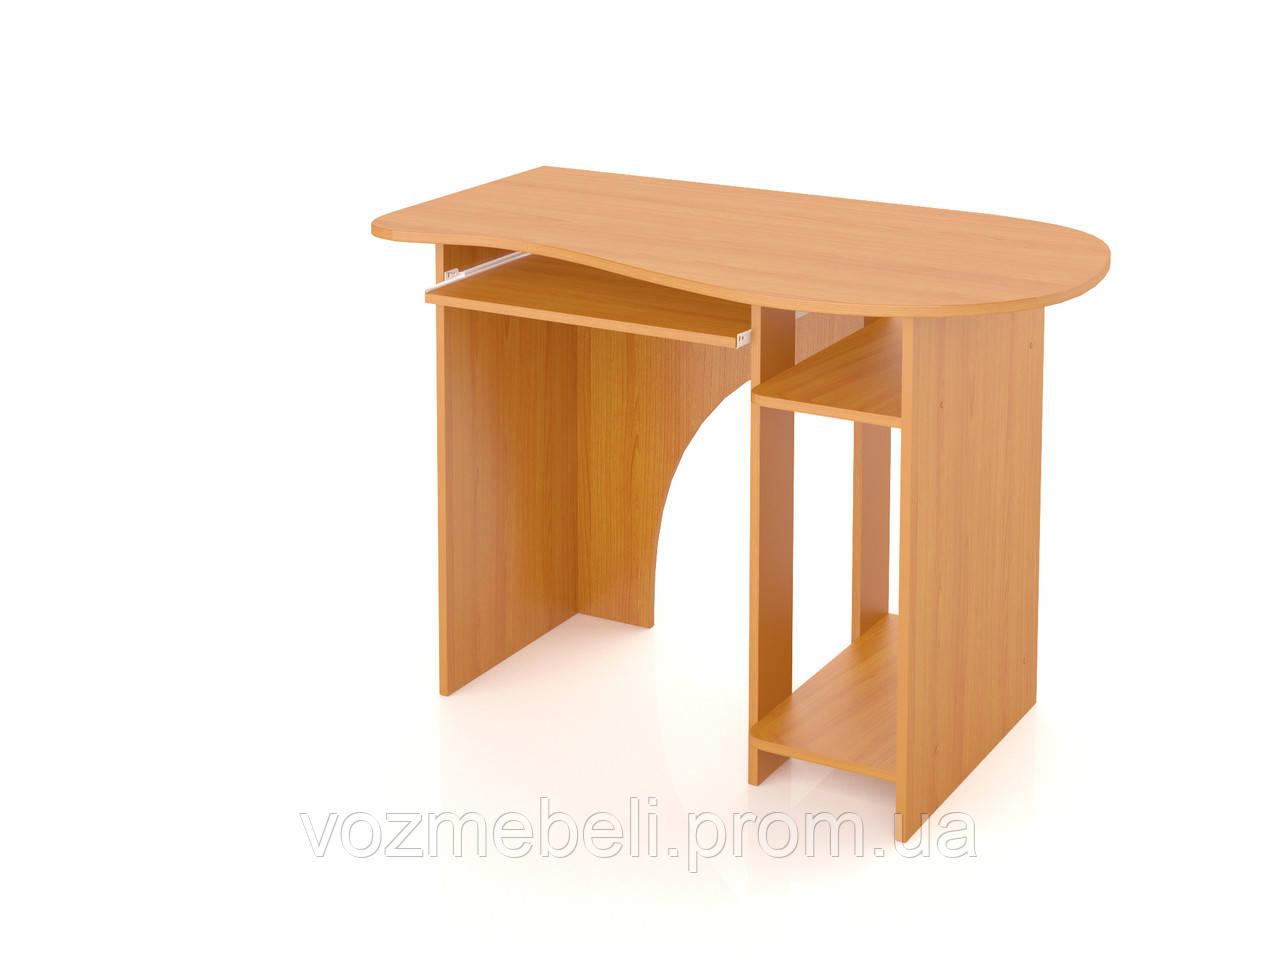 Арт стол СК-301